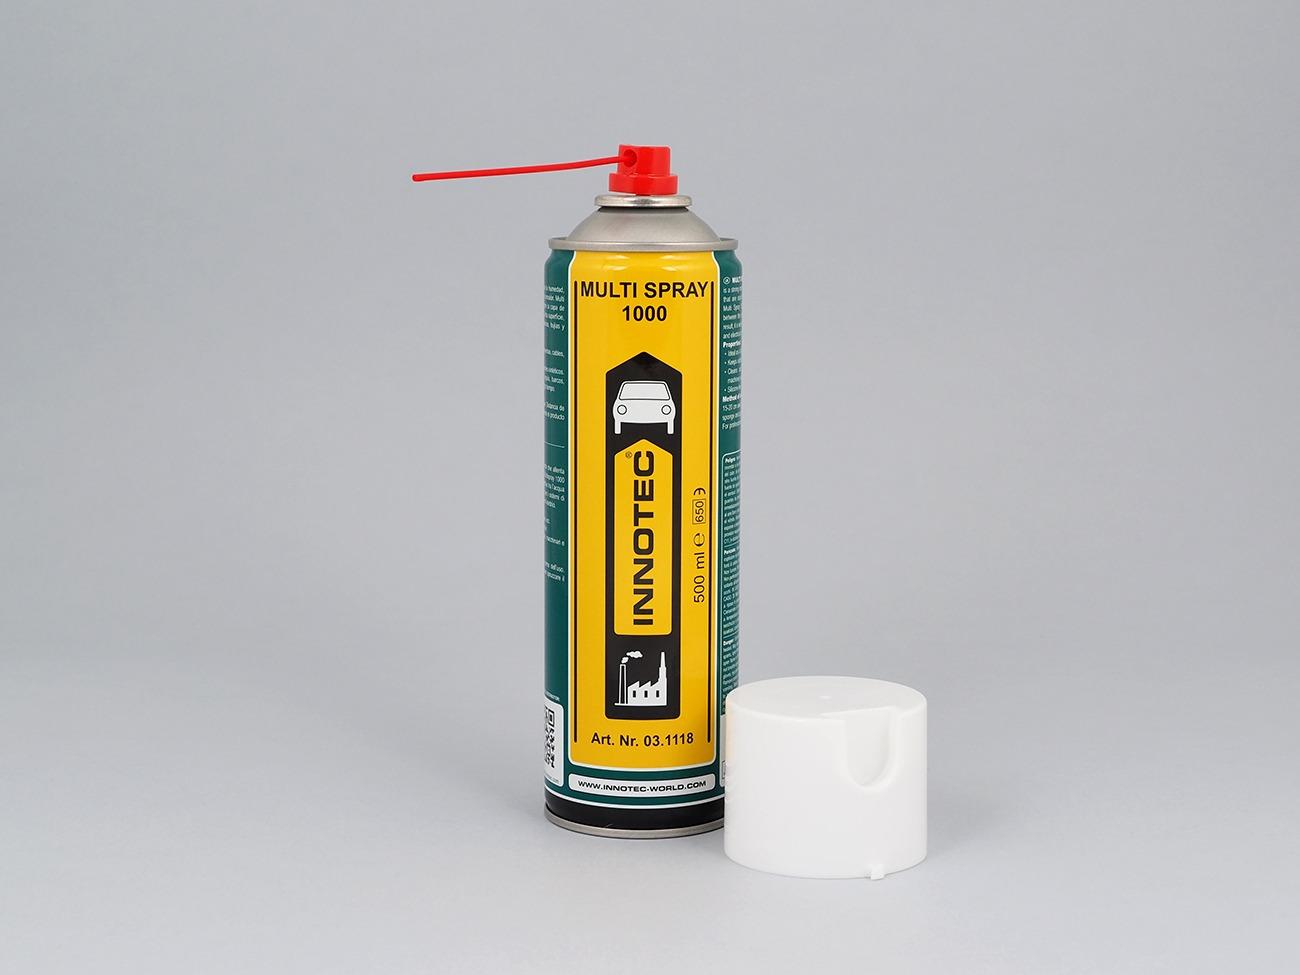 Lubrificante sbloccante, lubrificante idrorepellente, anti-corrosivo, isolante elettrico